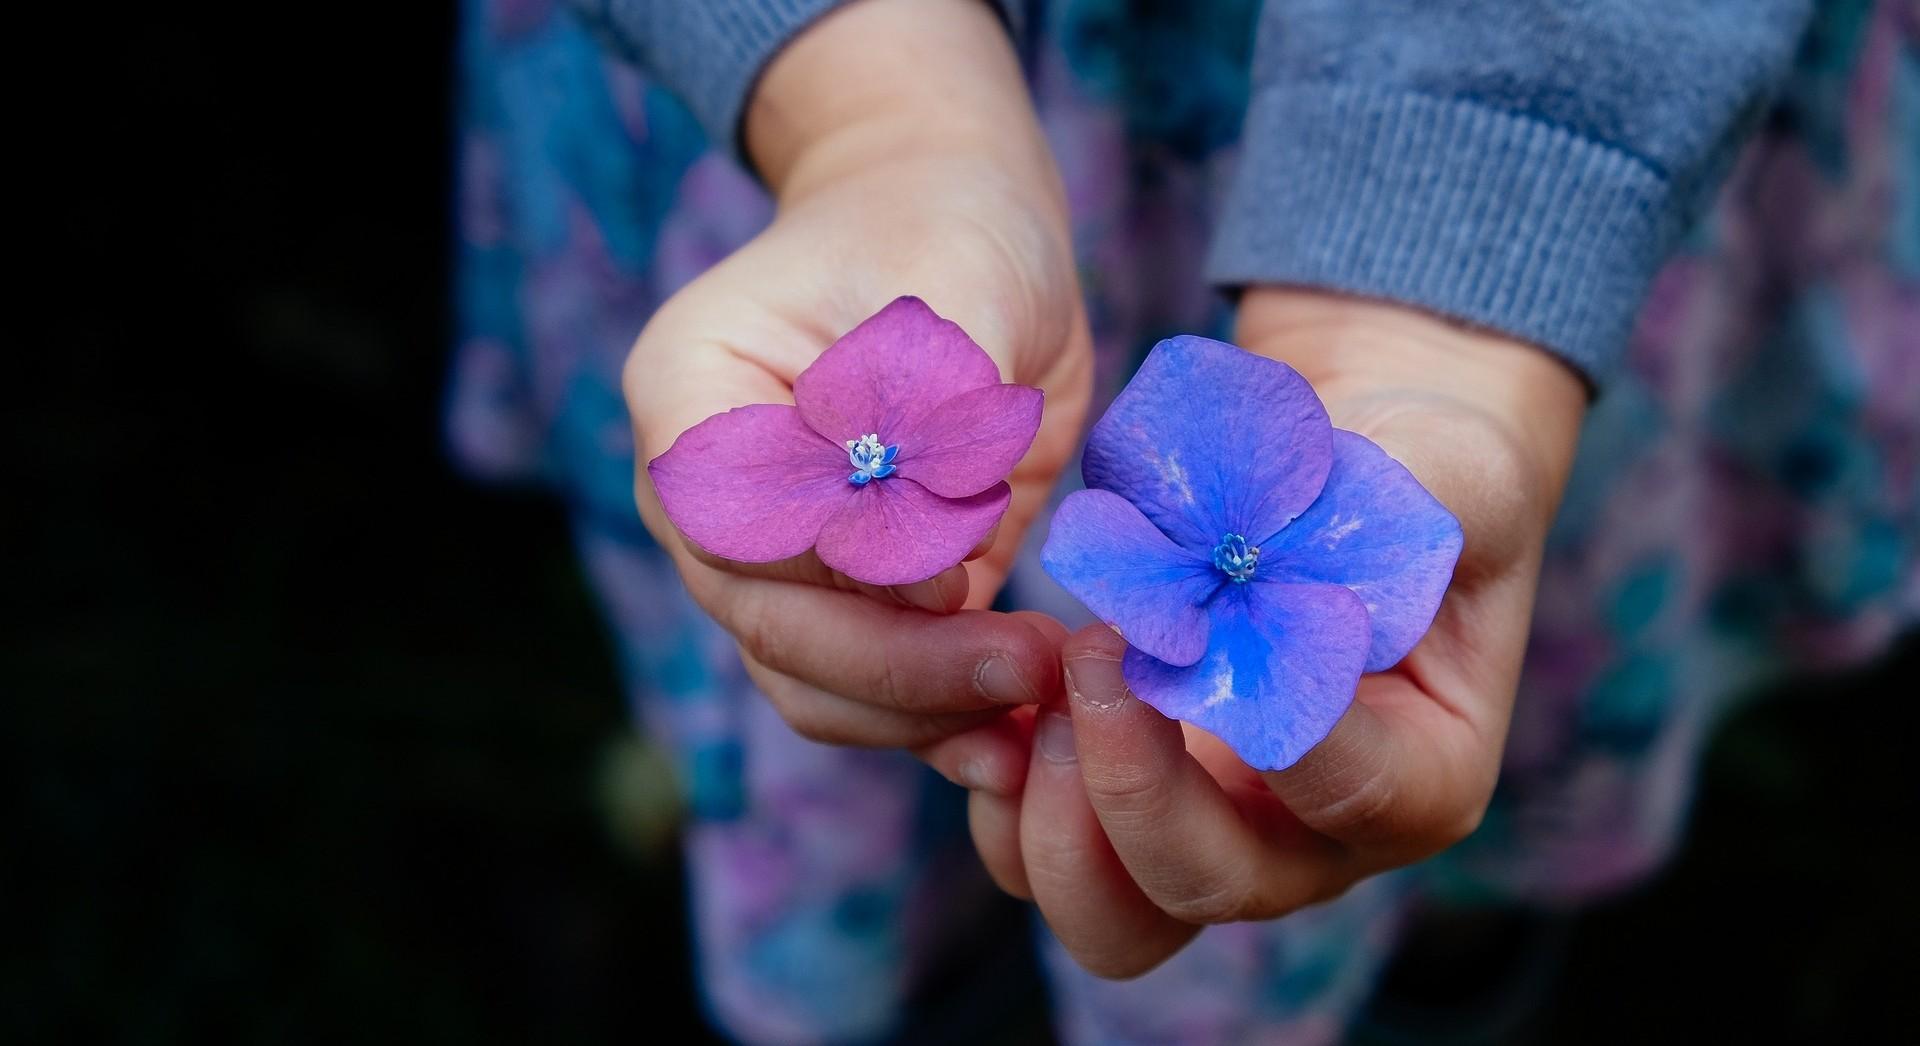 Lisa Hirsch's Caregiving Story